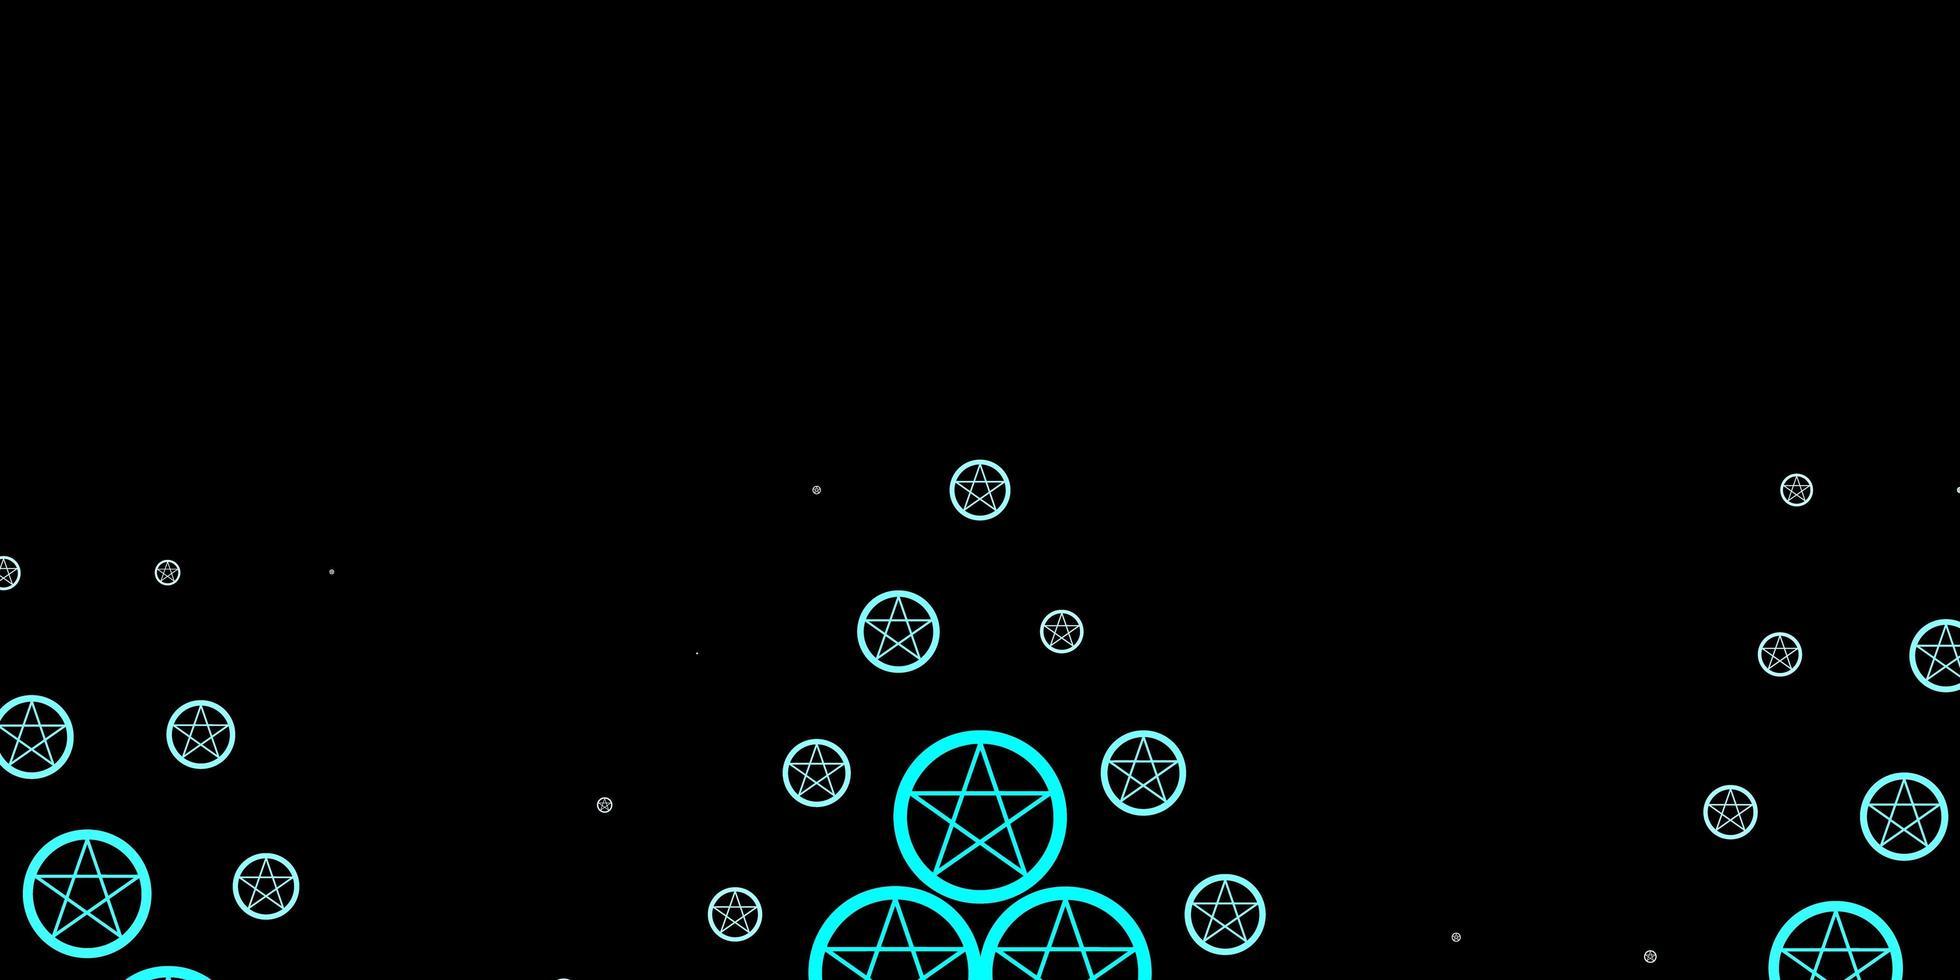 dunkelblaue Vorlage mit esoterischen Zeichen vektor